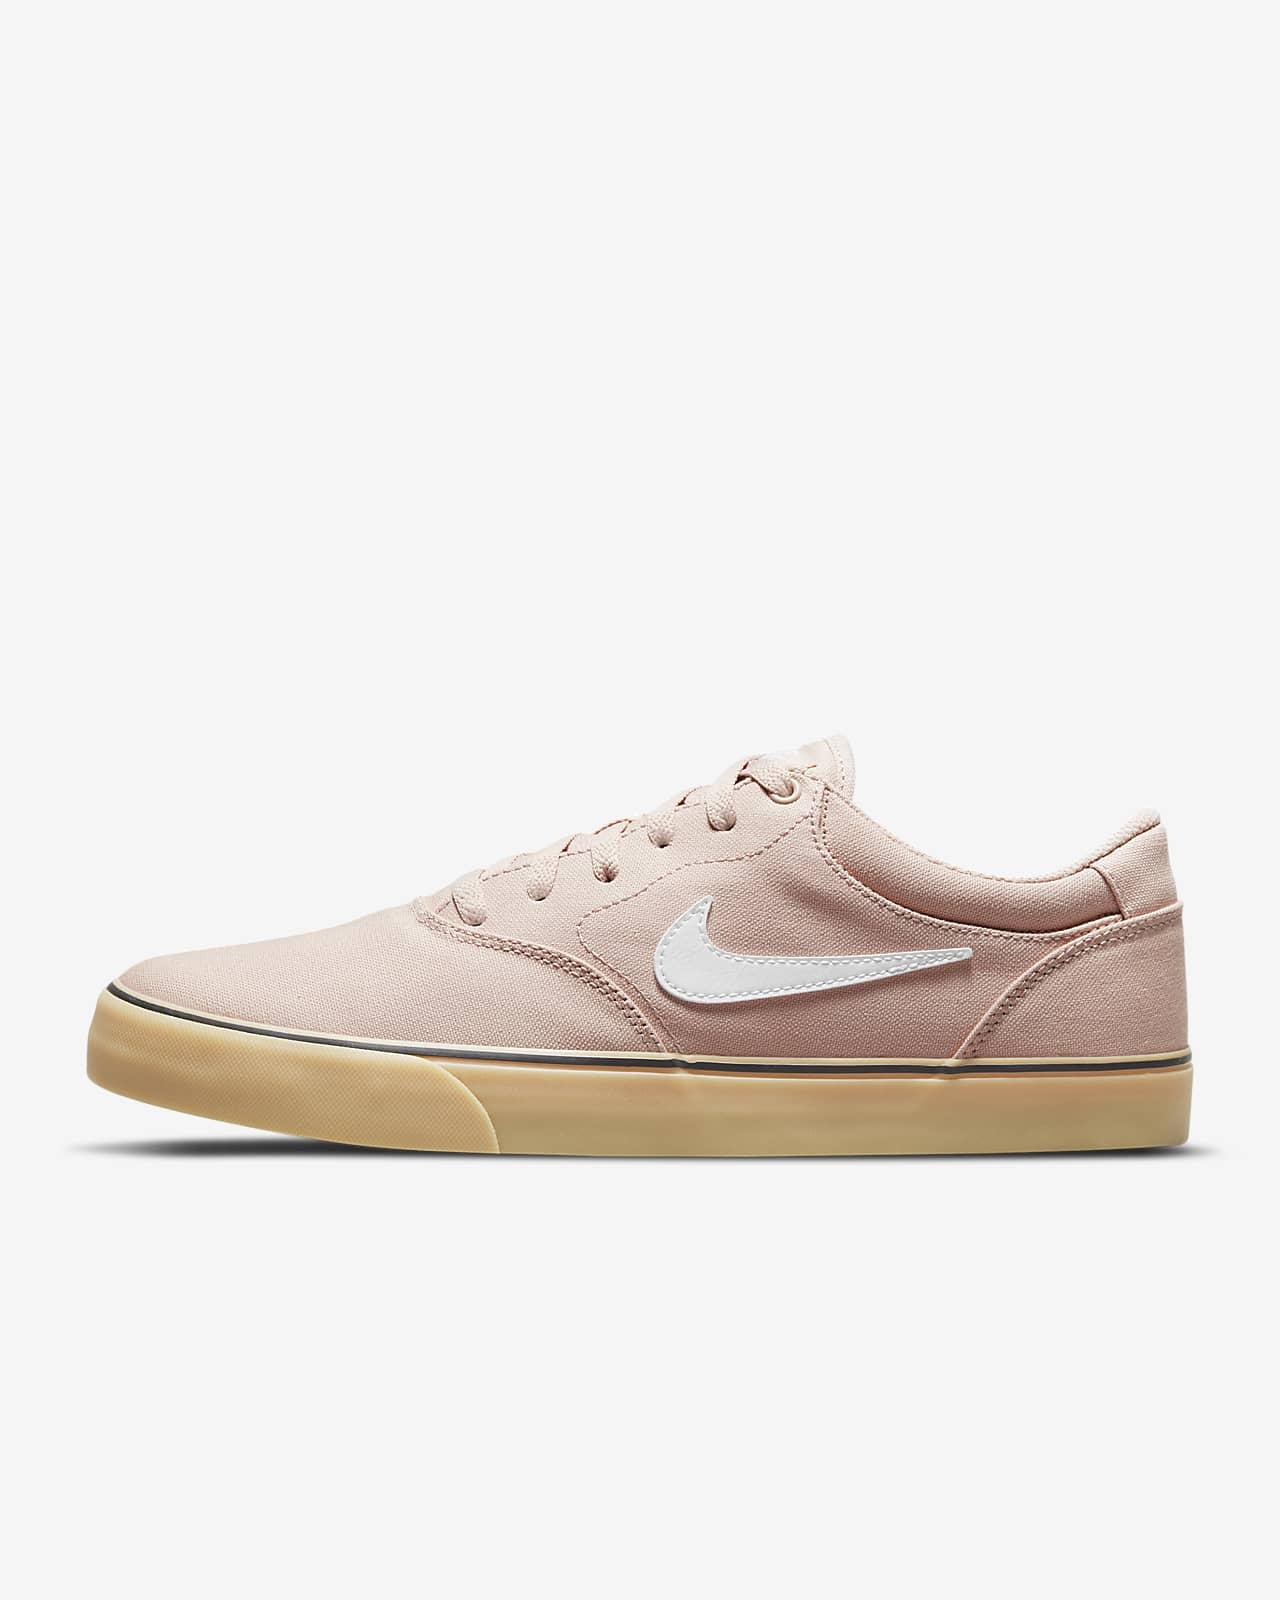 Chaussure de skateboard Nike SB Chron 2 Canvas